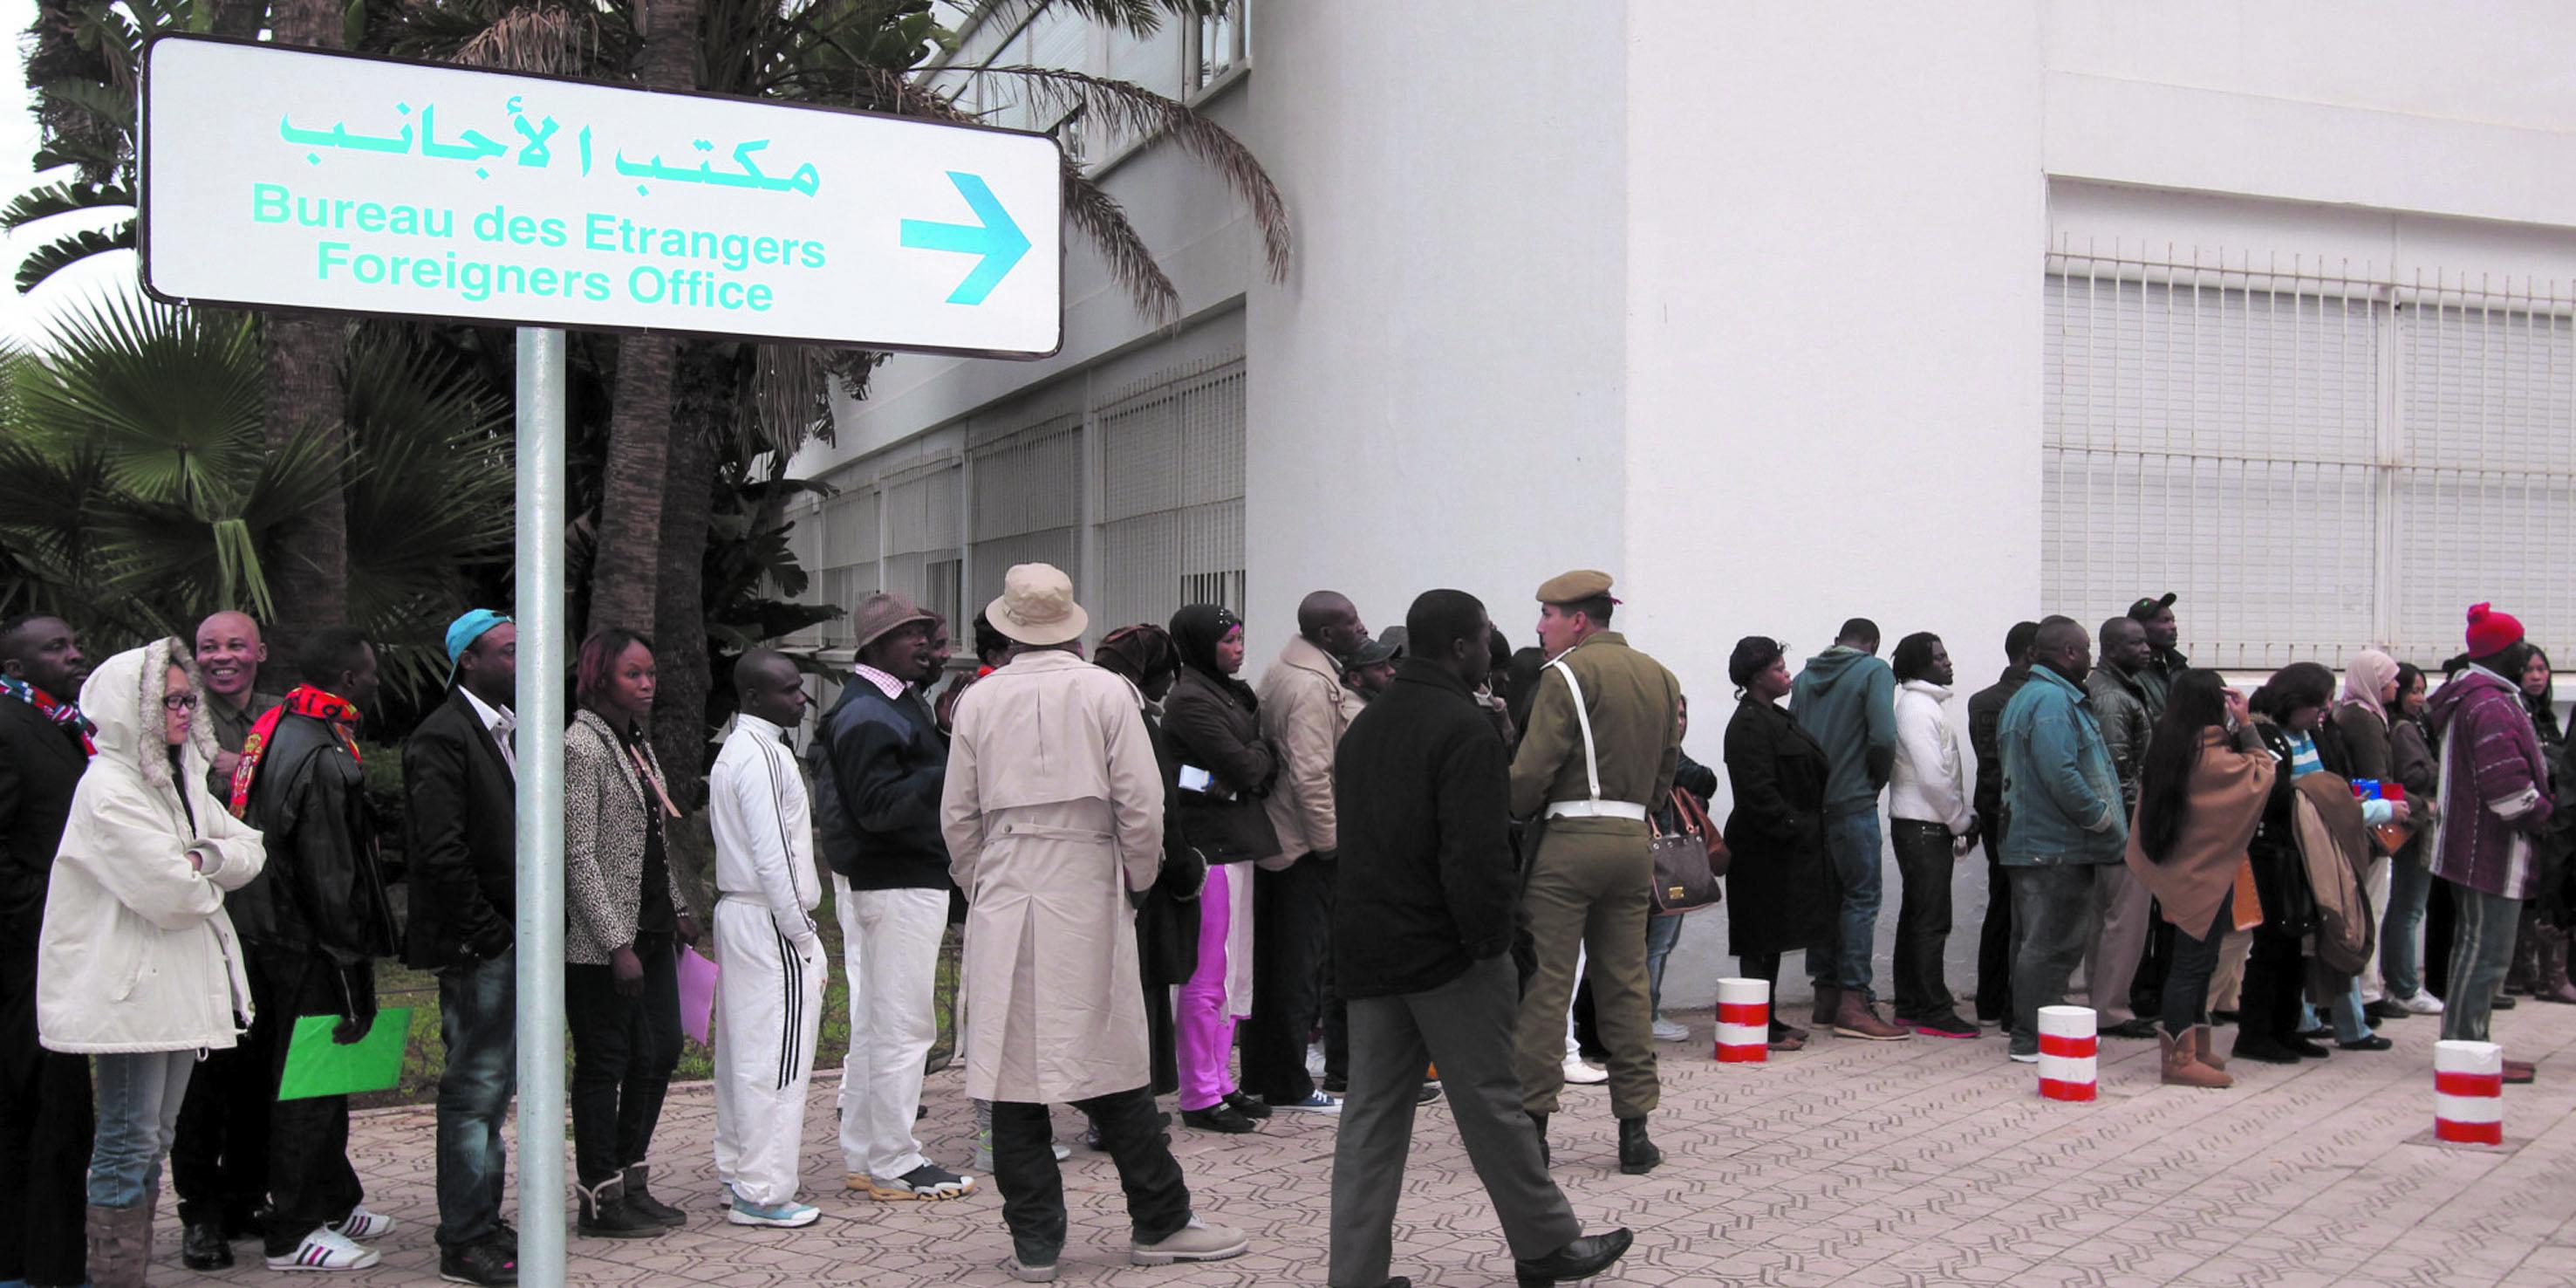 L'UE octroie 6,5 millions d'euros supplémentaires à la Stratégie nationale d'immigration et d'asile